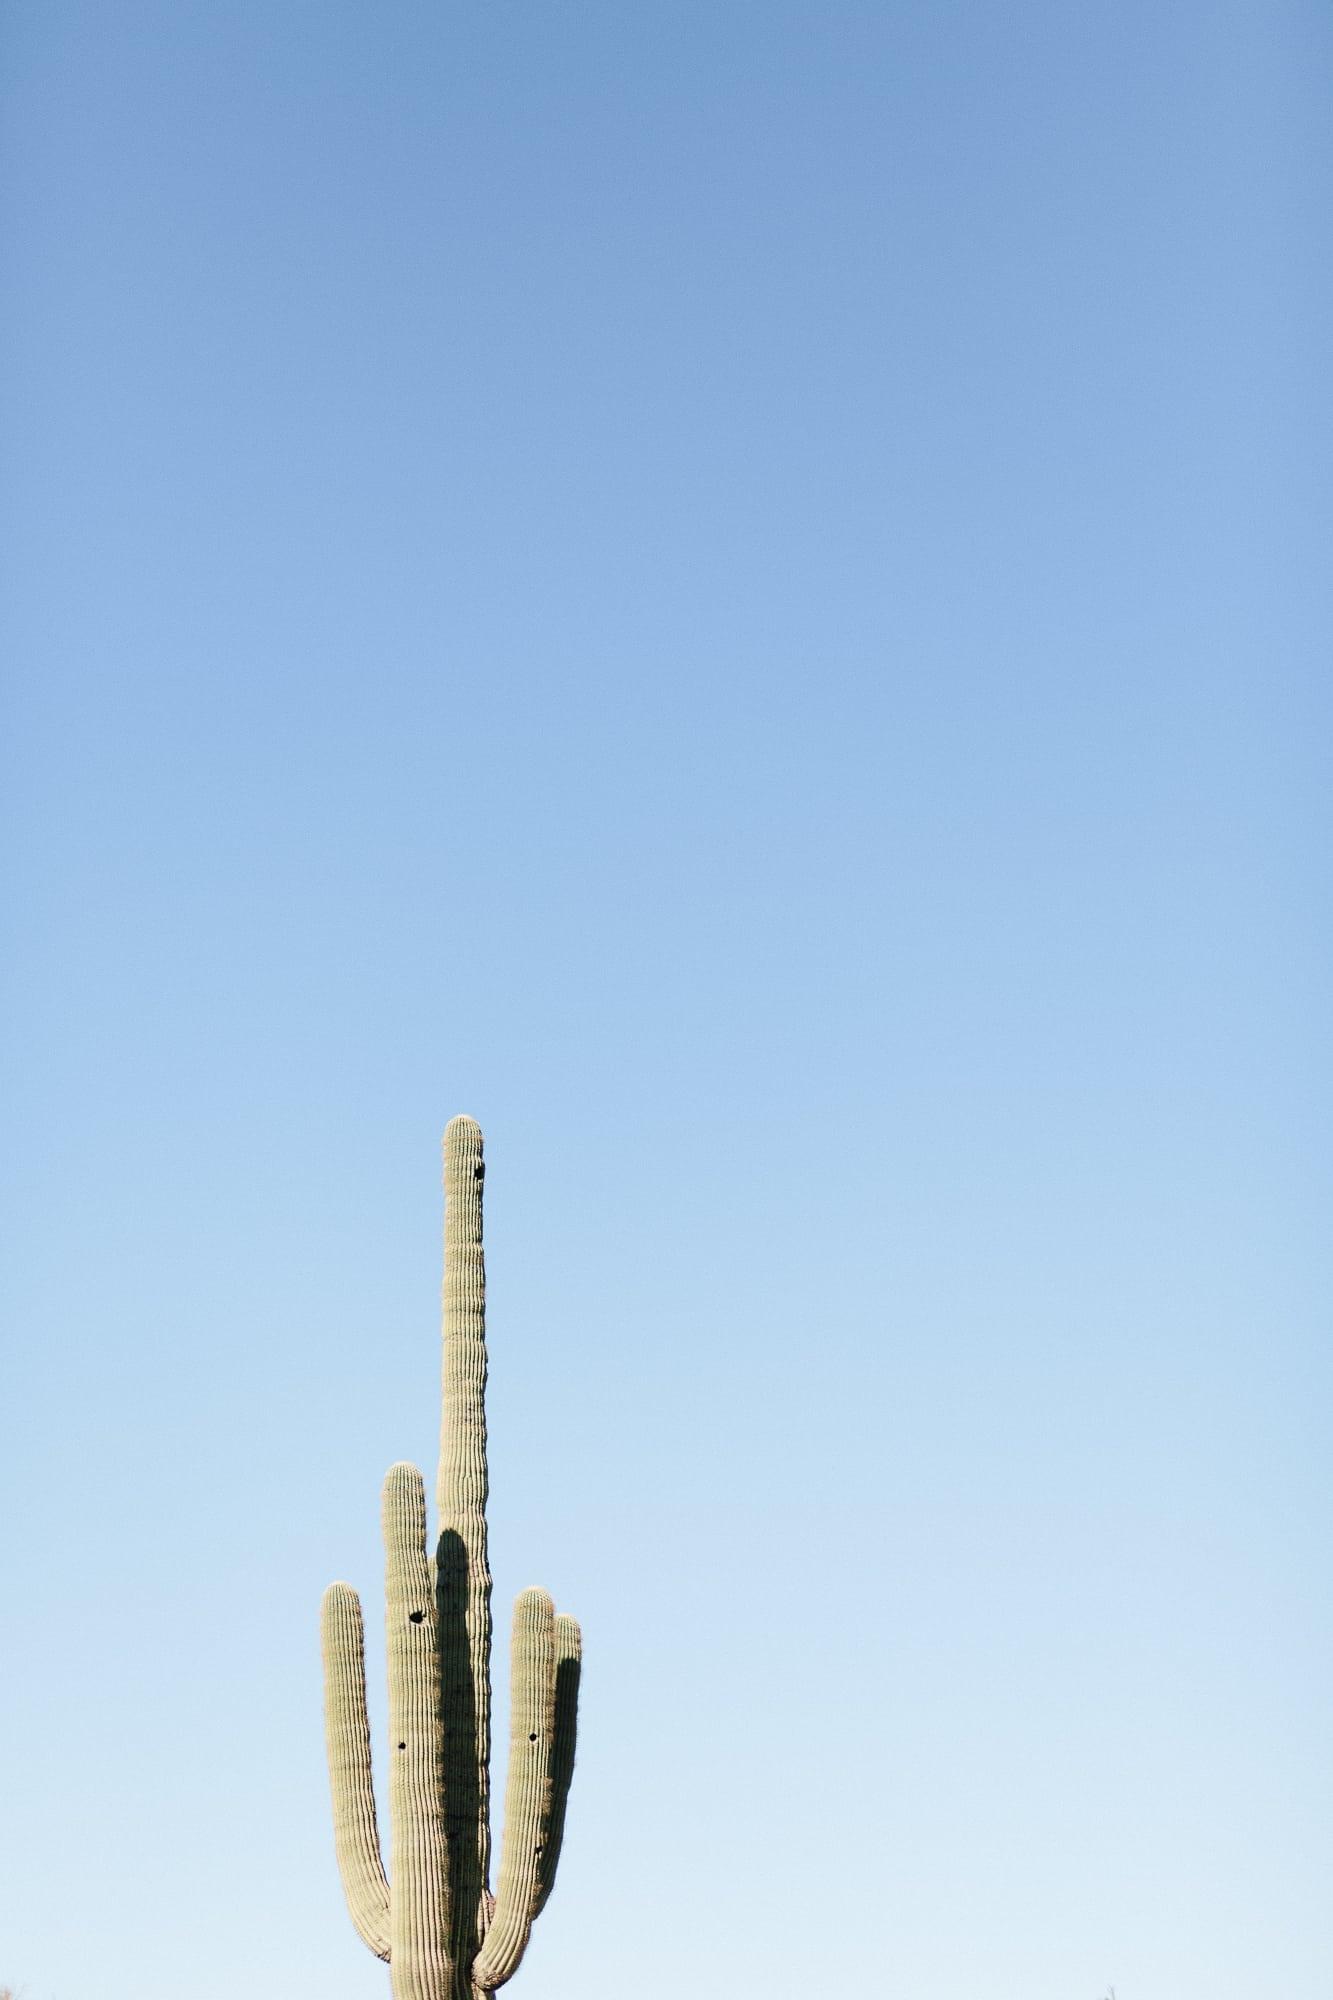 Saguaro Cactus in Scottsdale